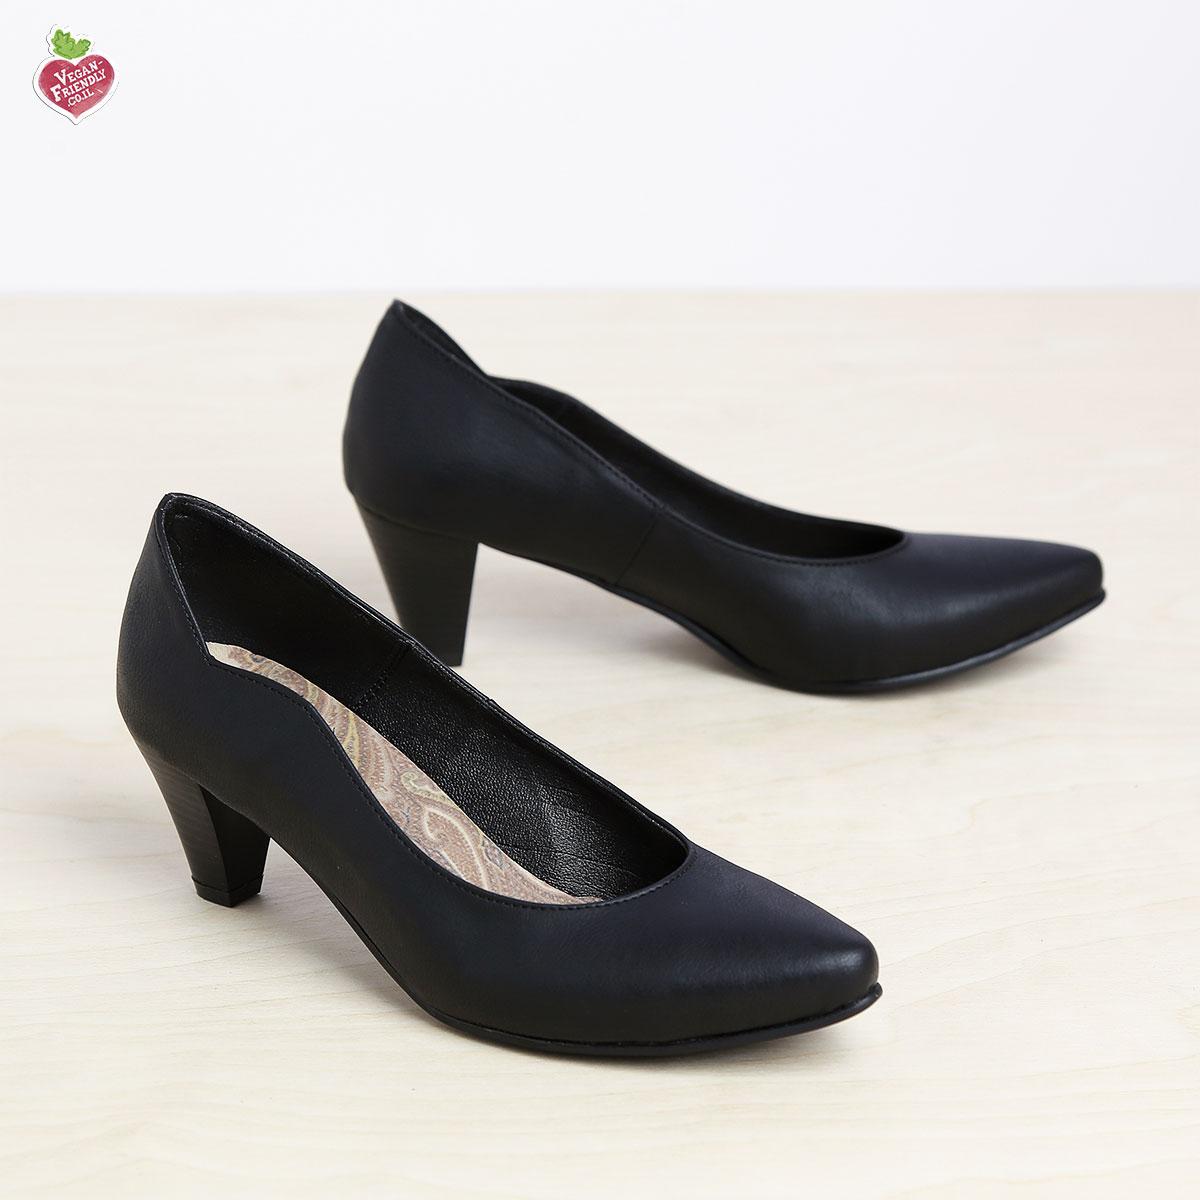 בלעדי לאתר - דגם טורין: נעלי בובה טבעוניות לנשים בצבע שחור